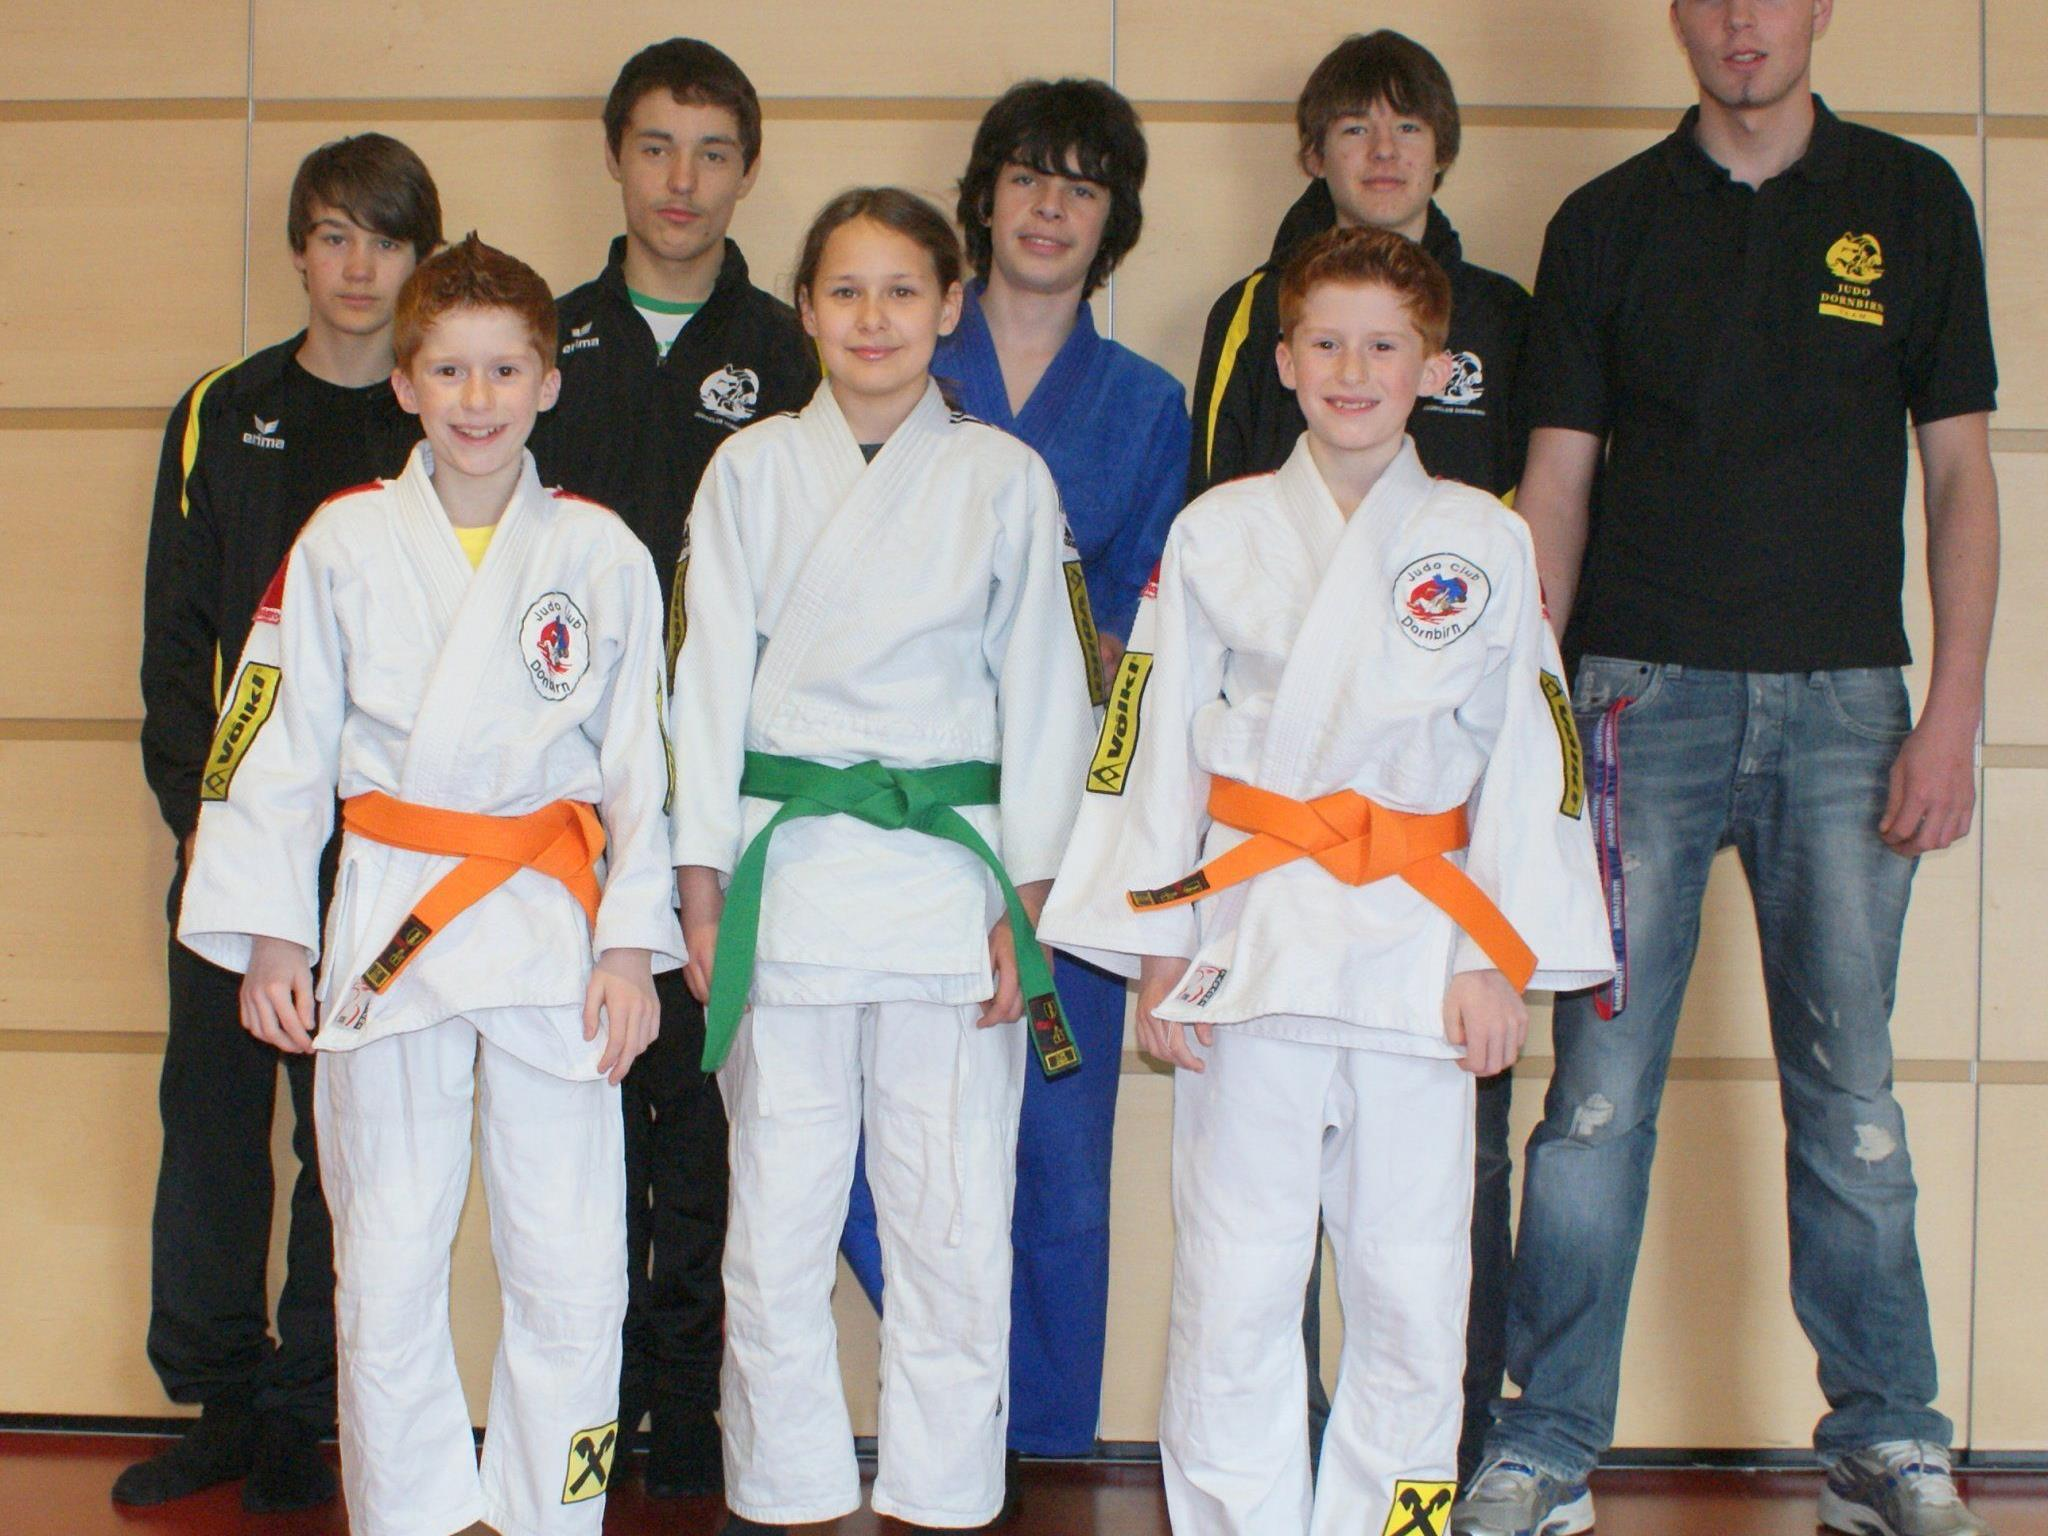 Das Judoka-Team aus Dornbirn gewann drei Medaillen.